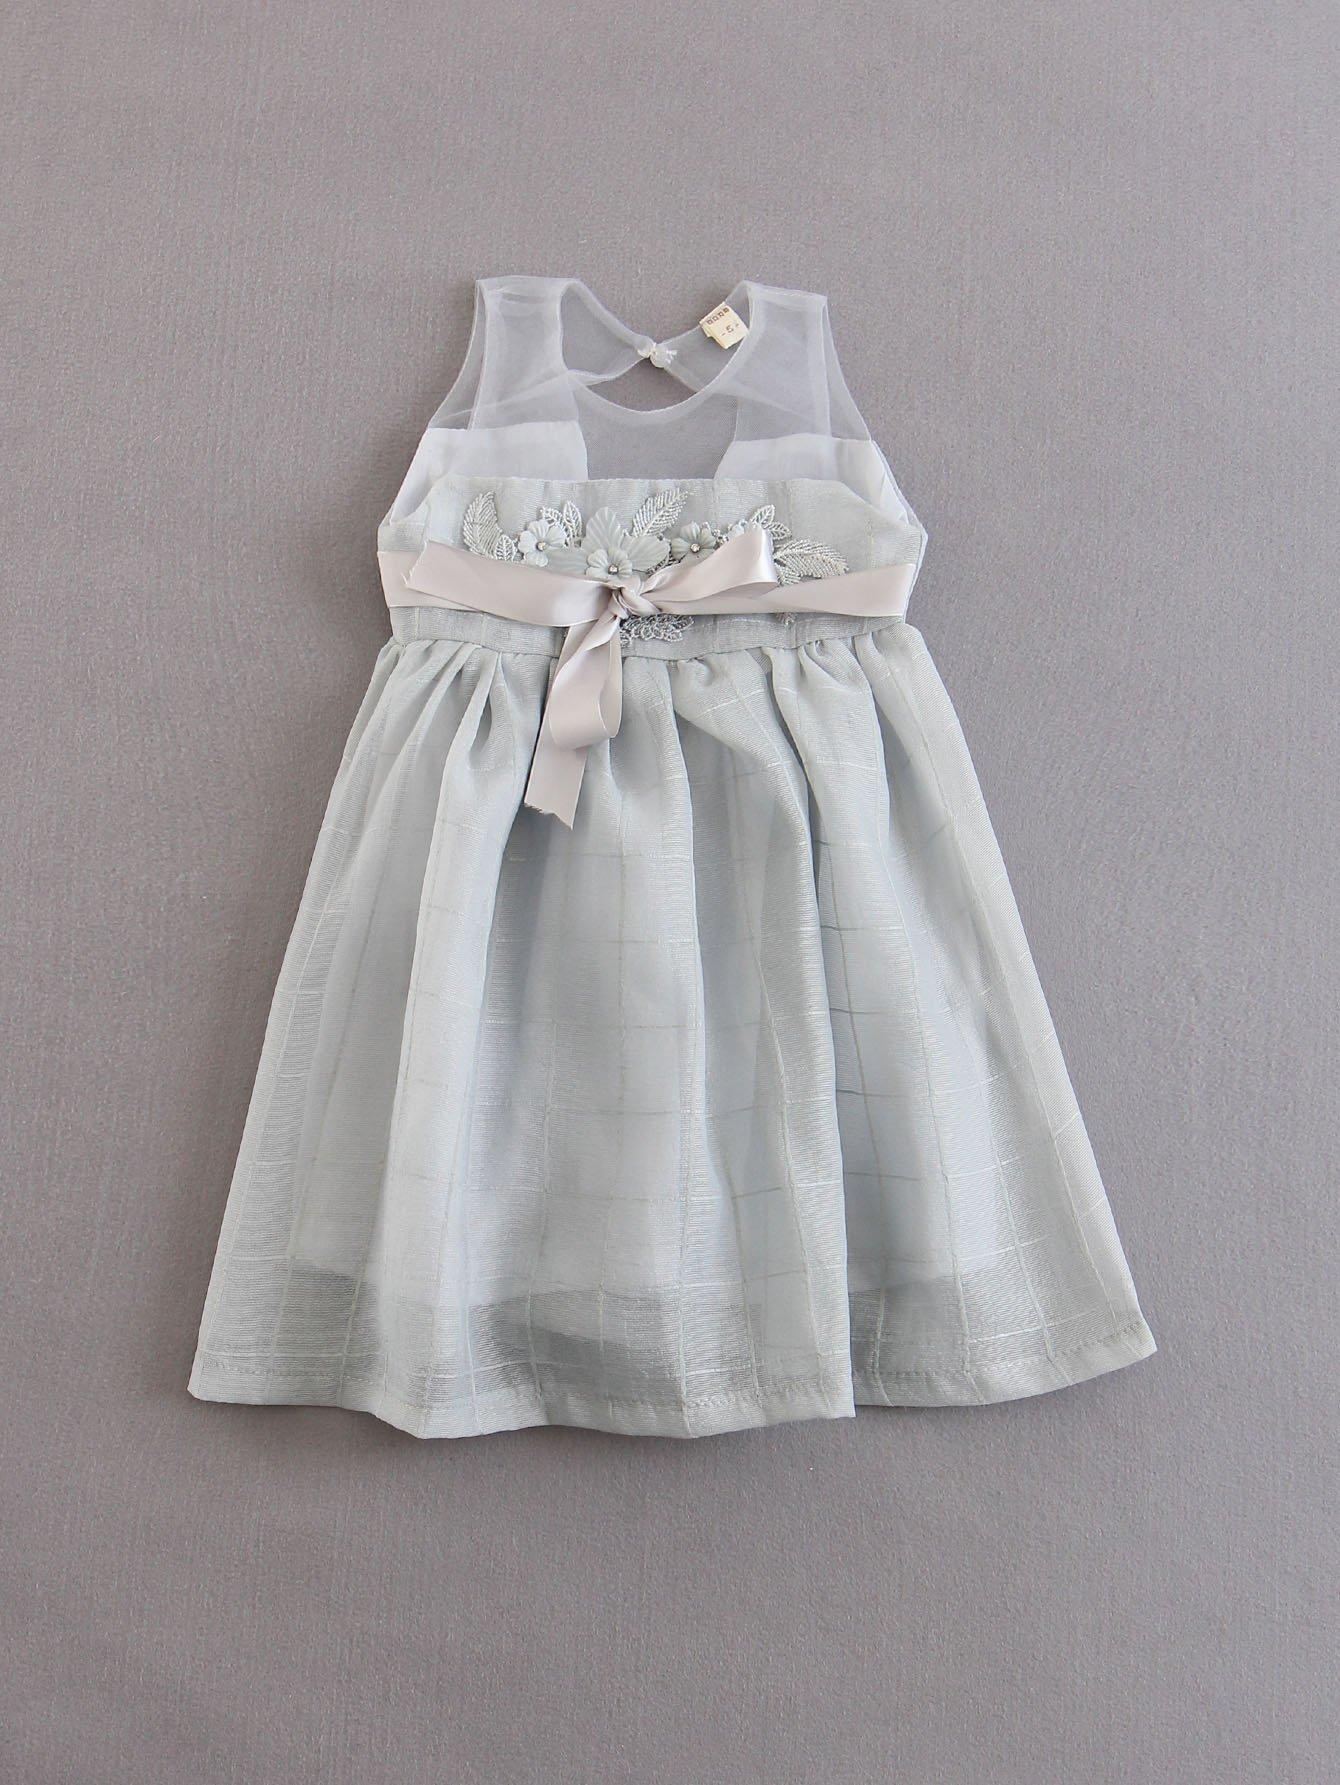 Купить Платье в клетку и прозрачной аппликацией для детей, null, SheIn